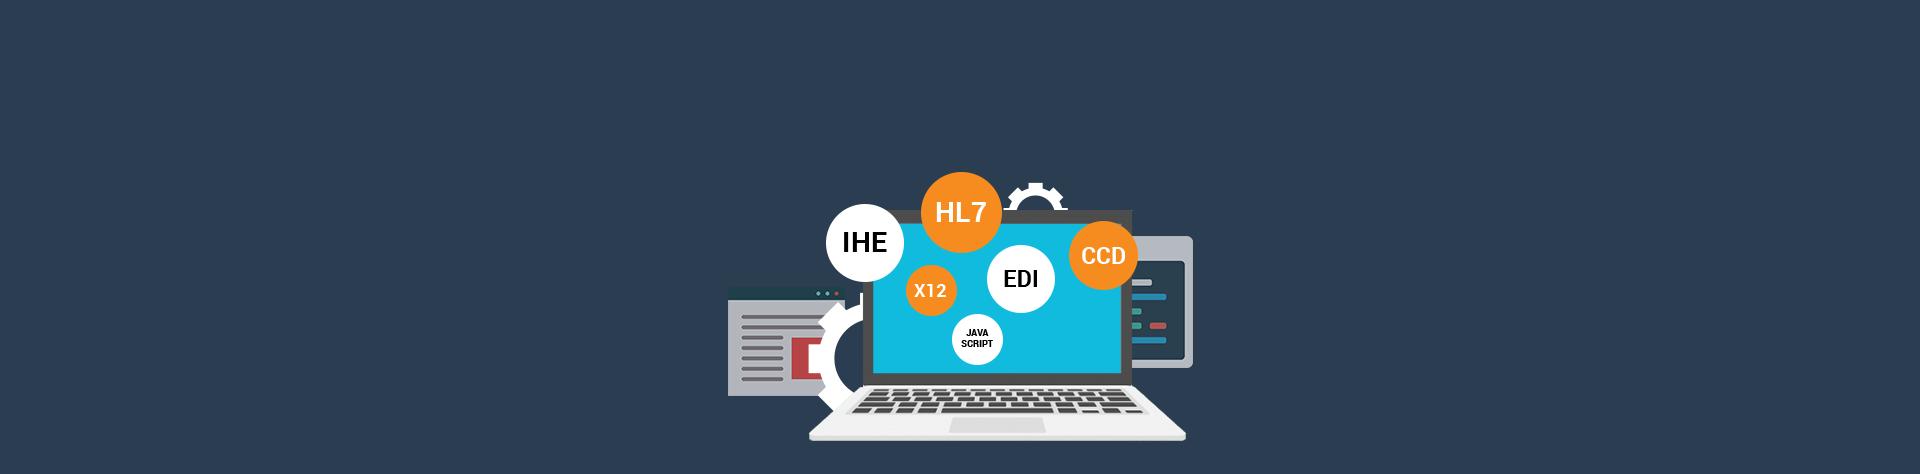 HL7 Integration   HL7 Interface   Healthcare IT   OSP Labs